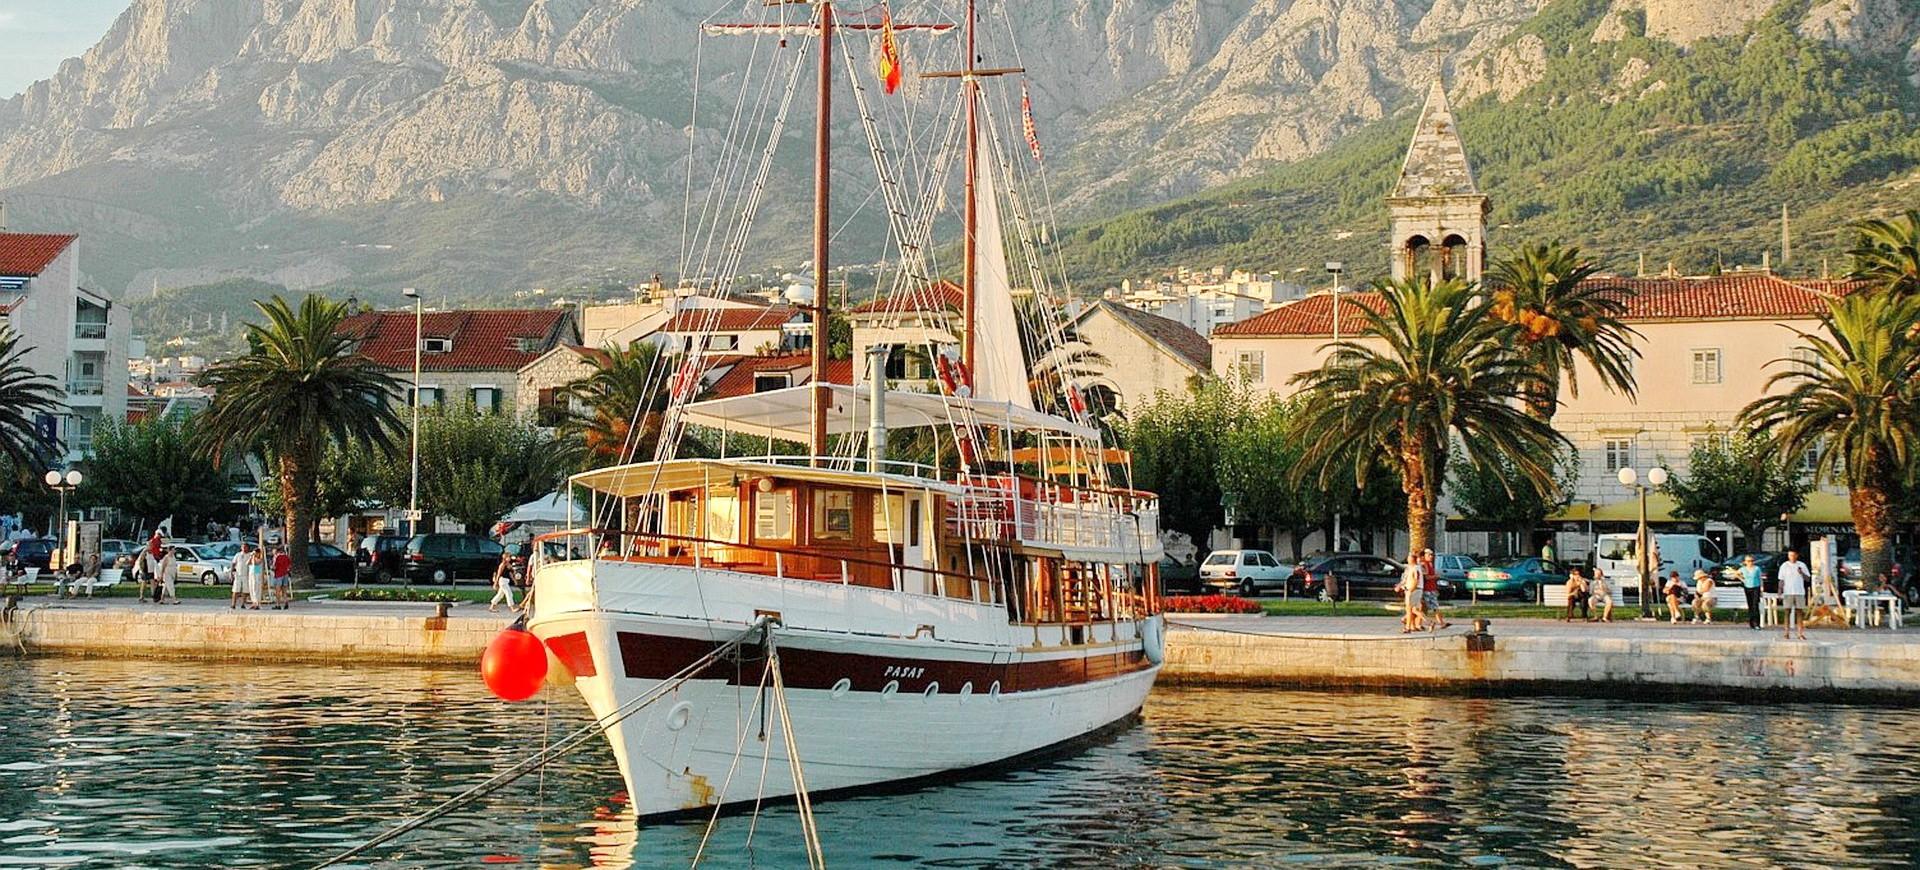 Croatie Dubrovnik Bateau de croisière